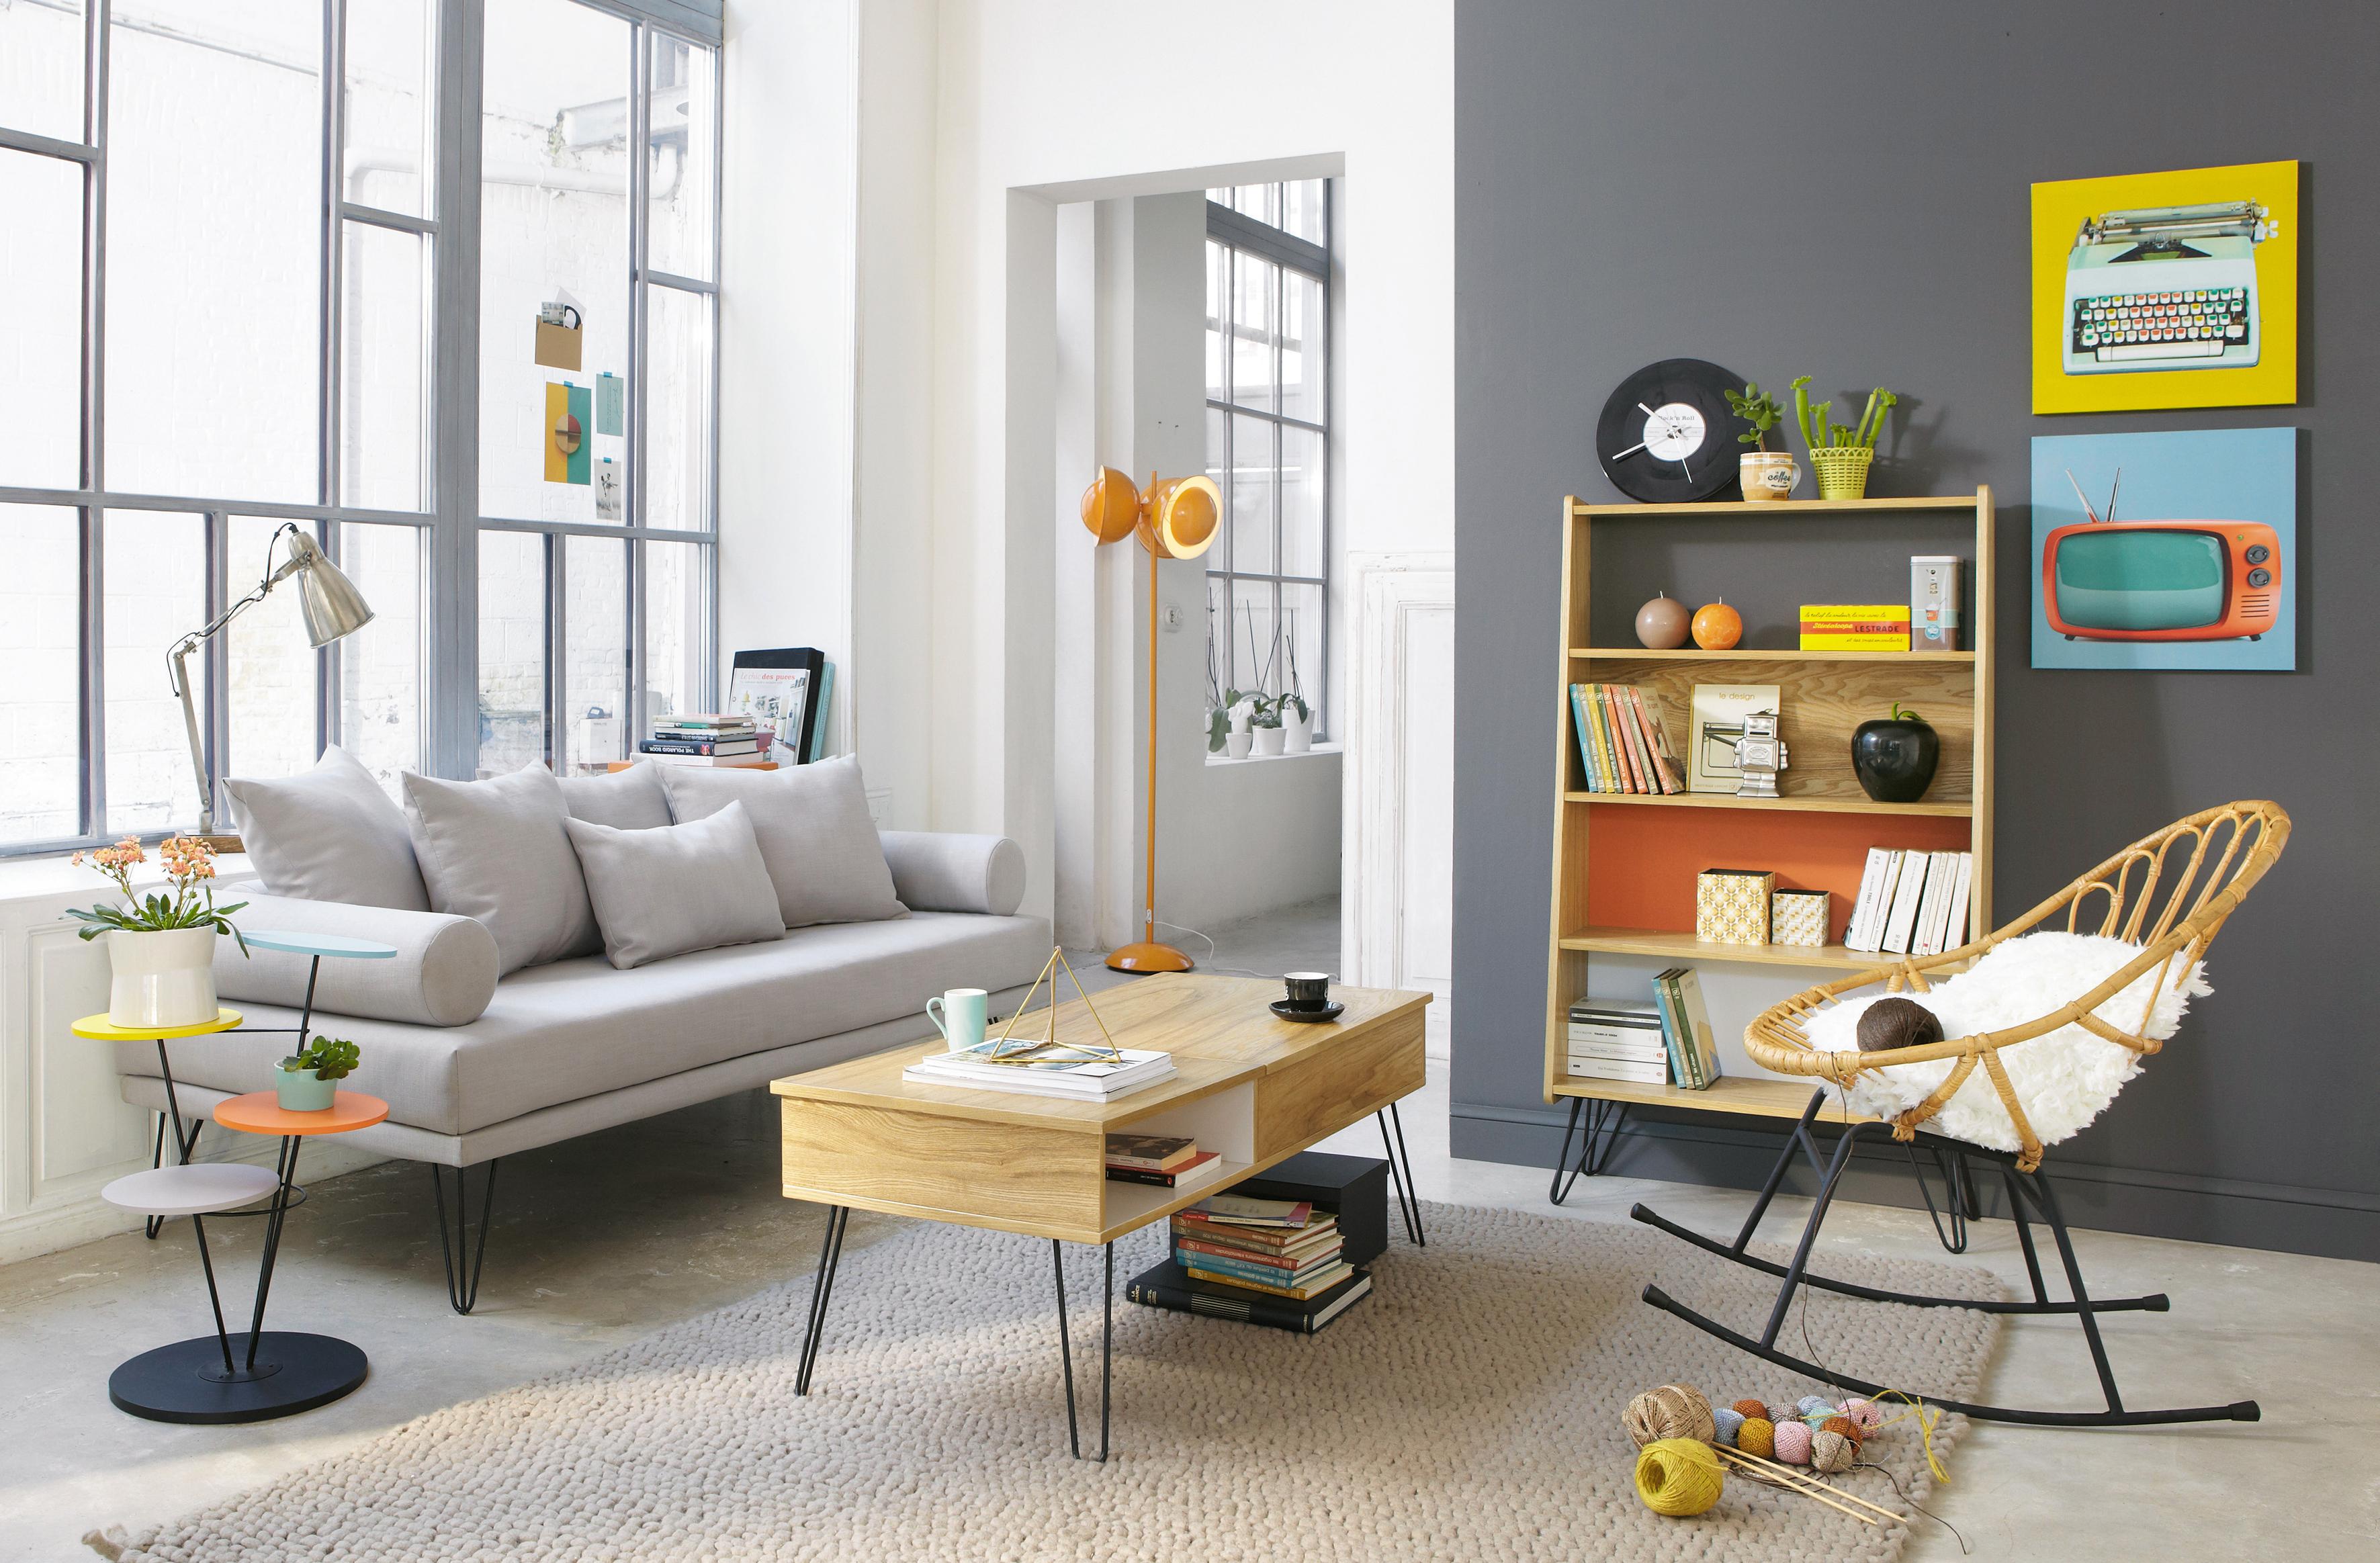 dnevne sobe umirjeno cvetli no ali igrivo. Black Bedroom Furniture Sets. Home Design Ideas